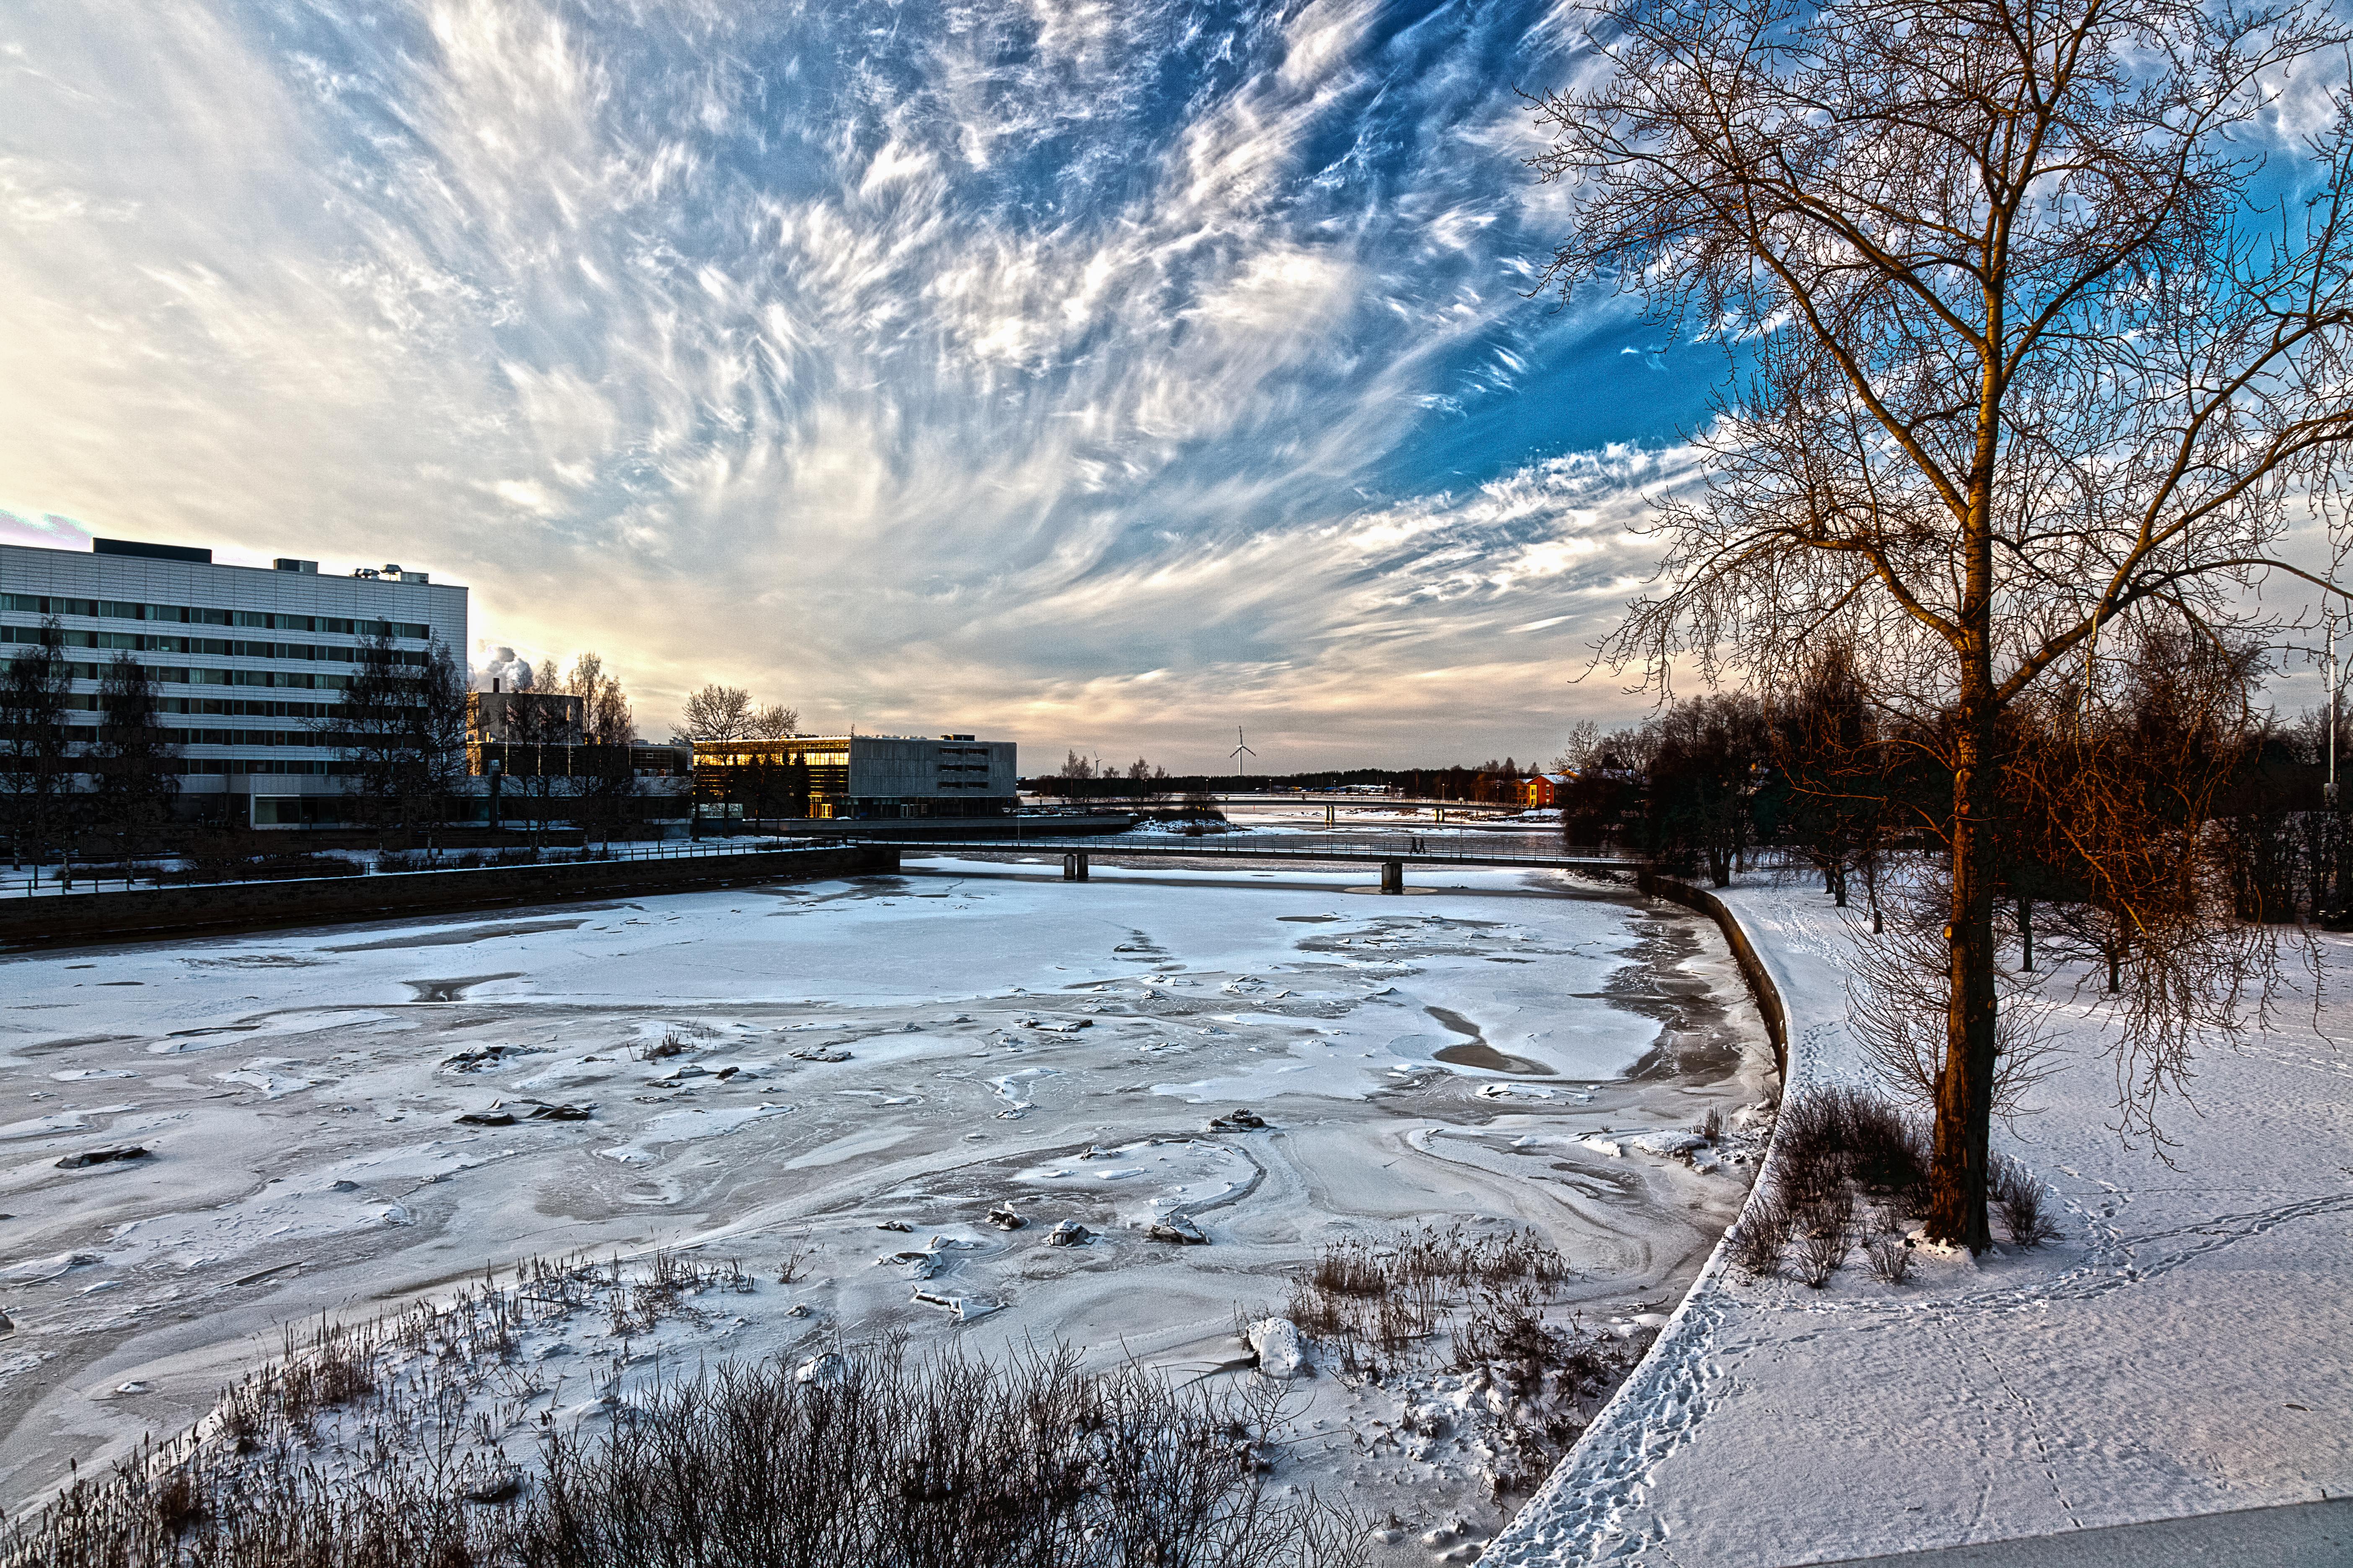 Winter in Oulu, Finland, 2015 (Thinkstock)